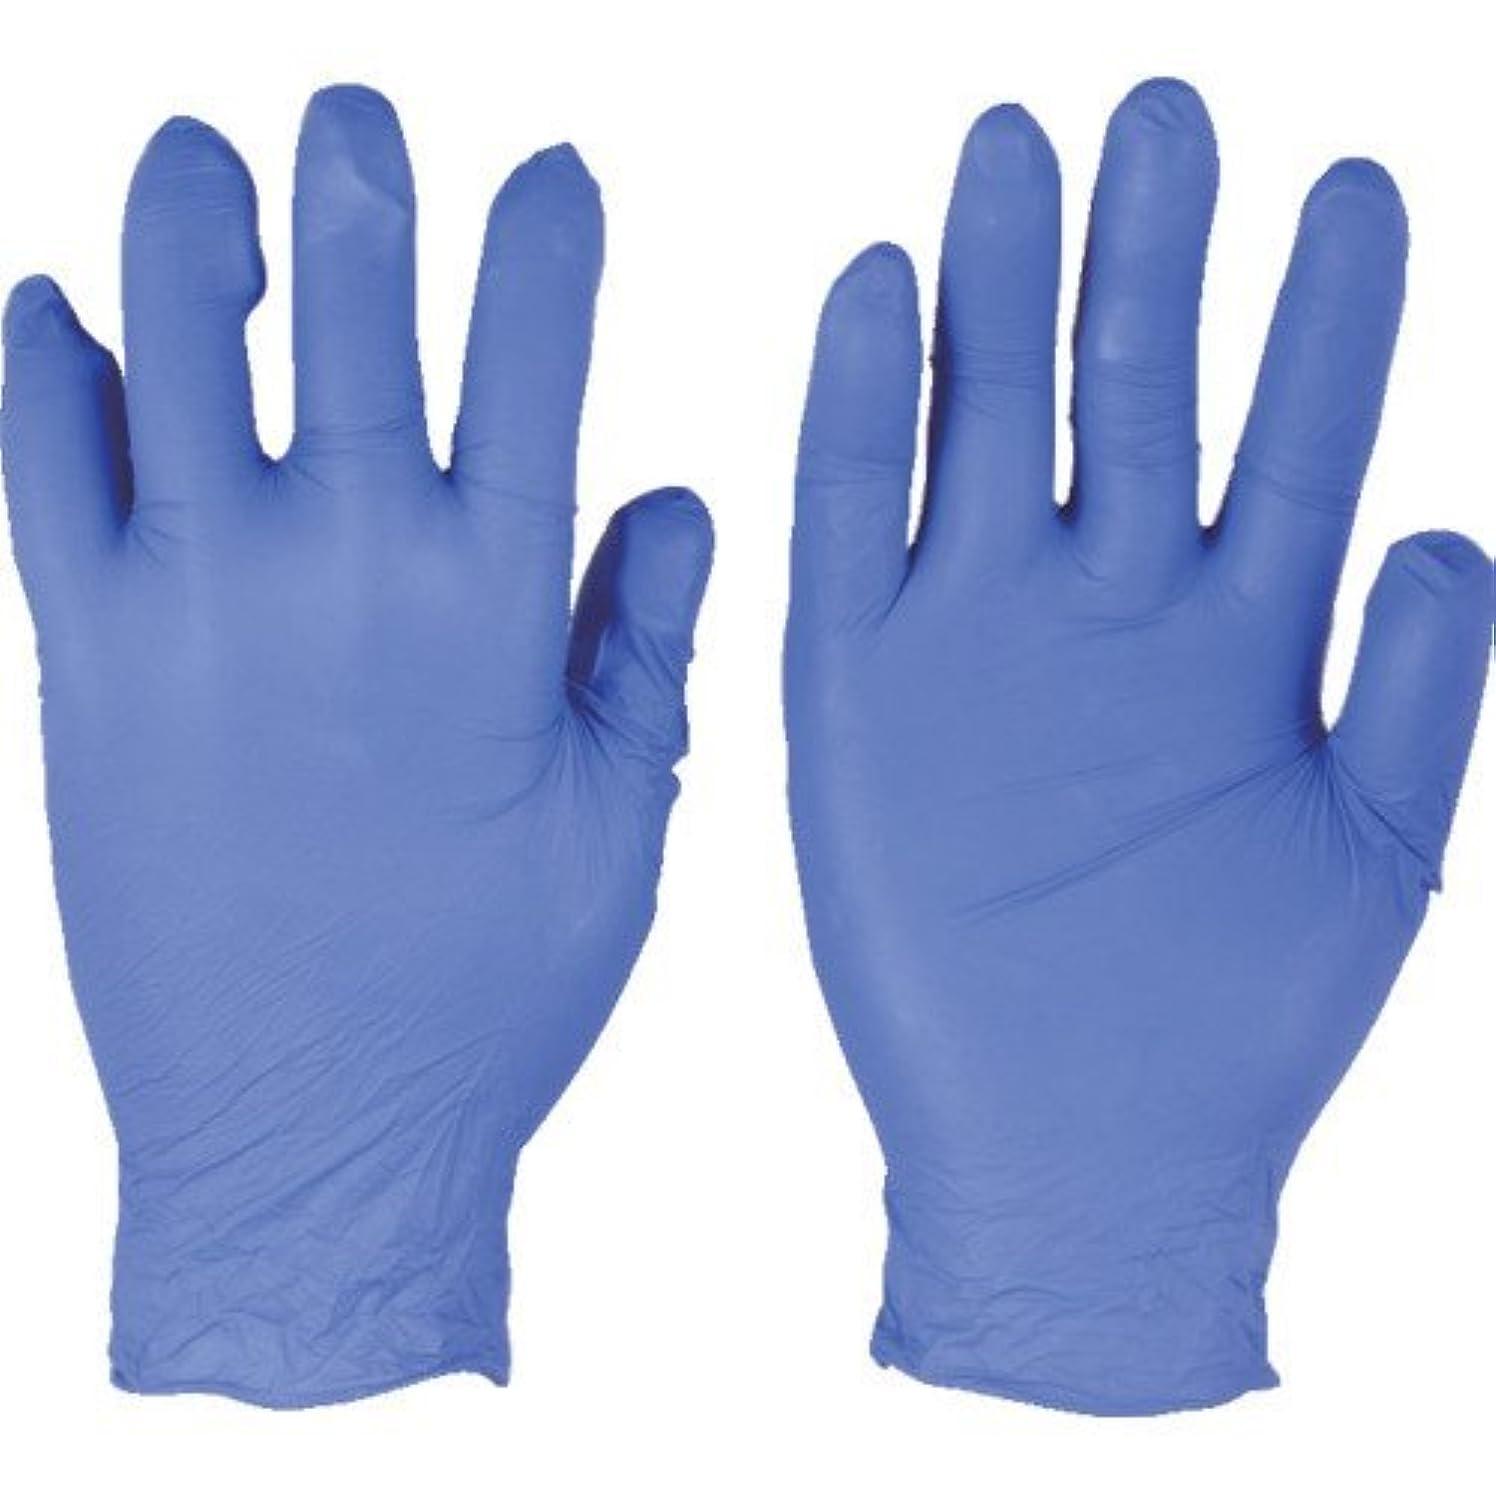 空虚縫うディプロマトラスコ中山 アンセル ニトリルゴム使い捨て手袋 エッジ 82-133 Lサイズ(300枚入り)  (300枚入) 821339